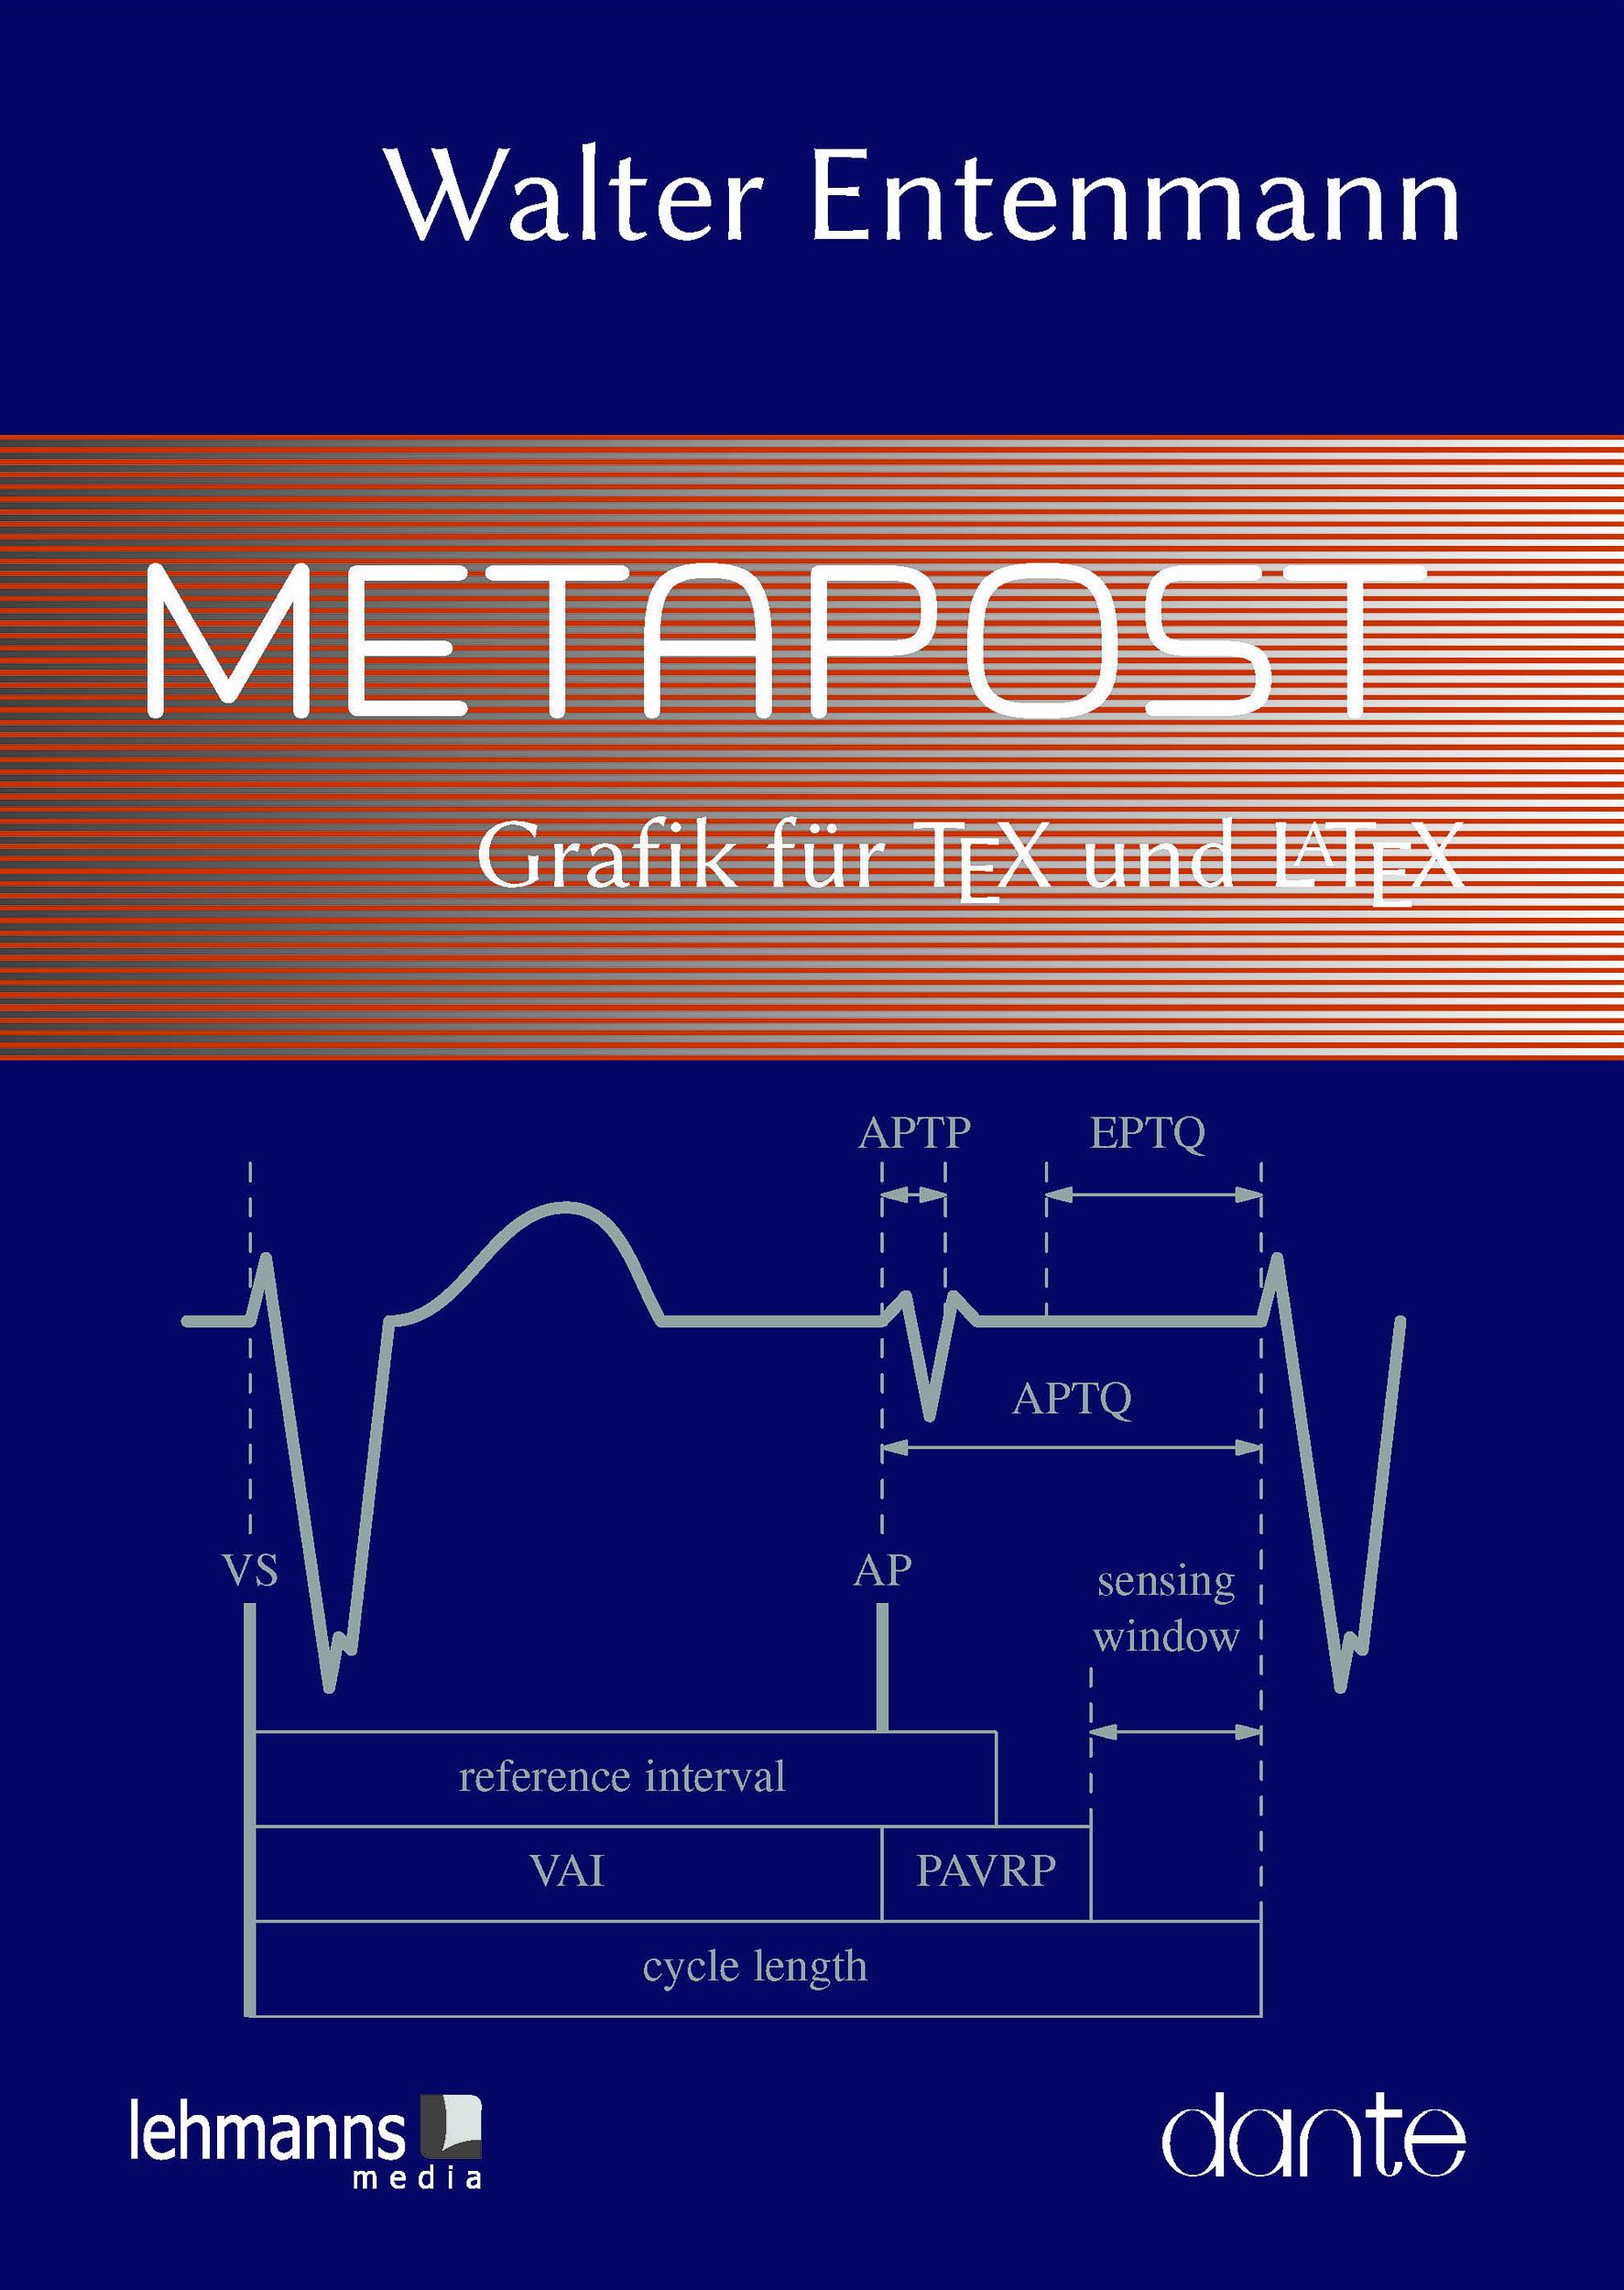 MetaPost